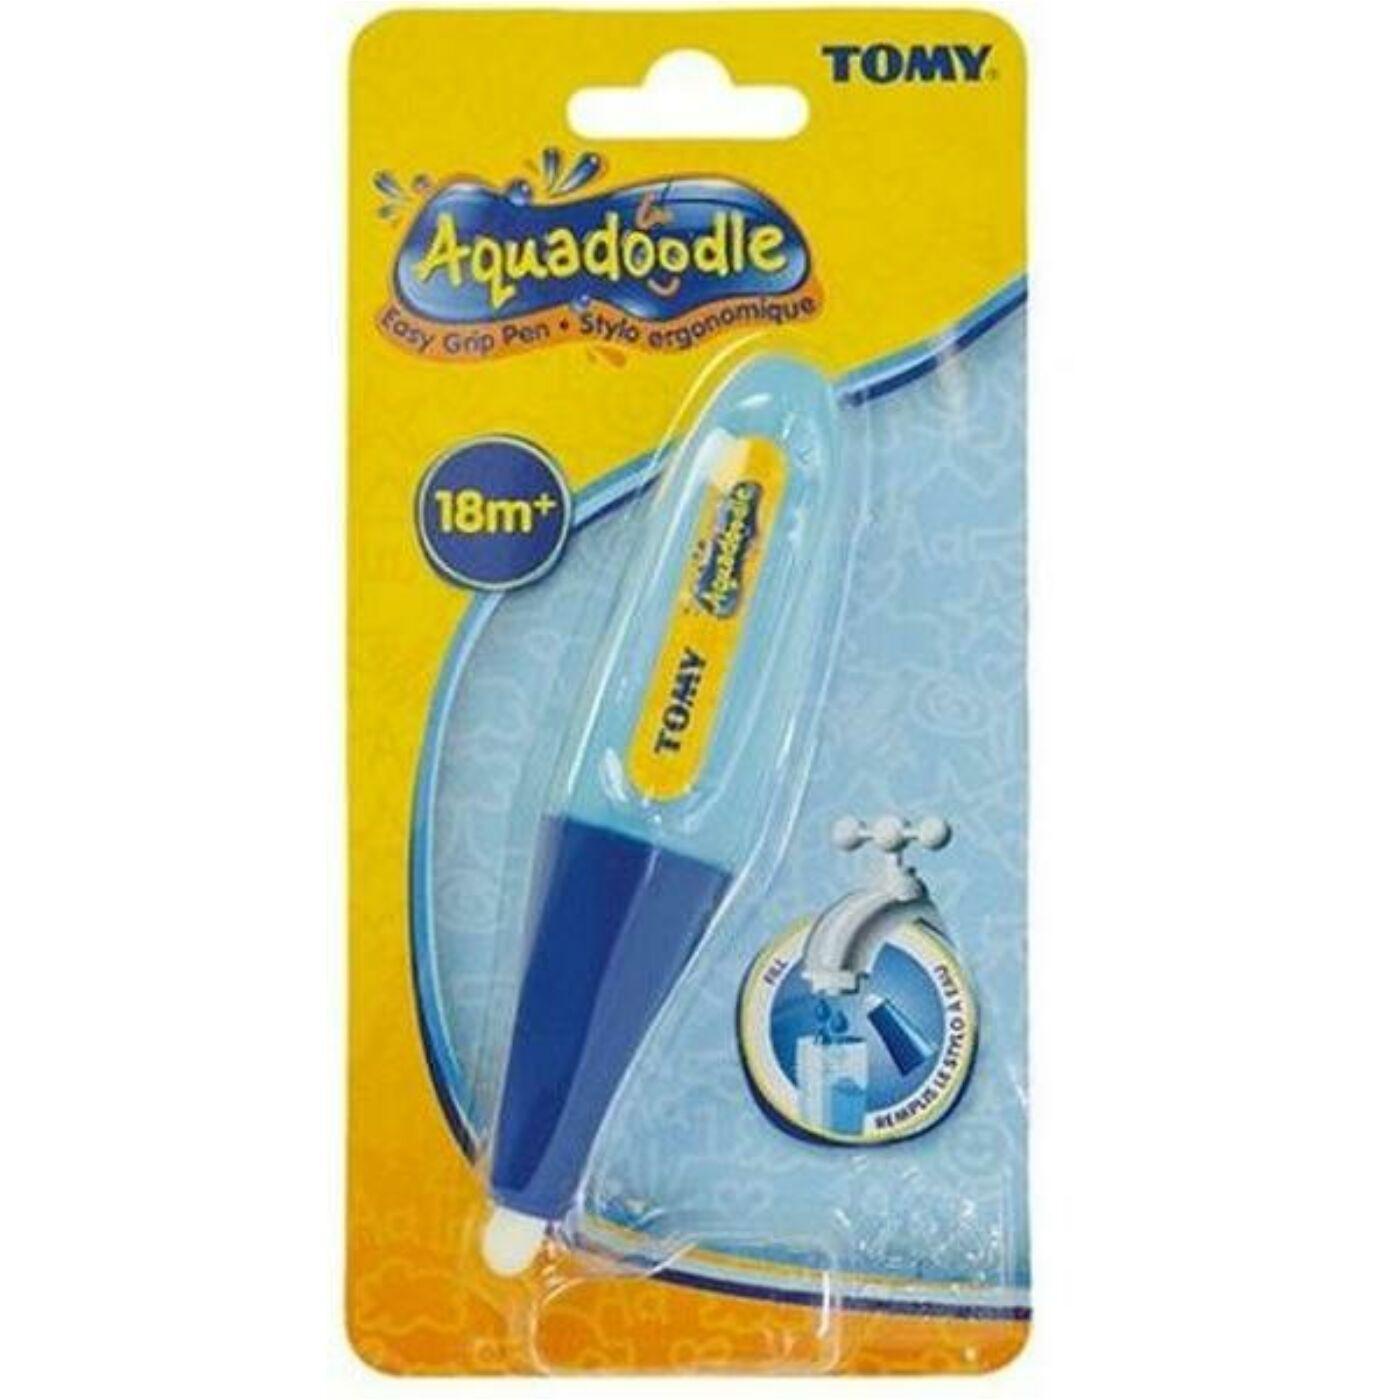 Tomy Aquadoodle toll